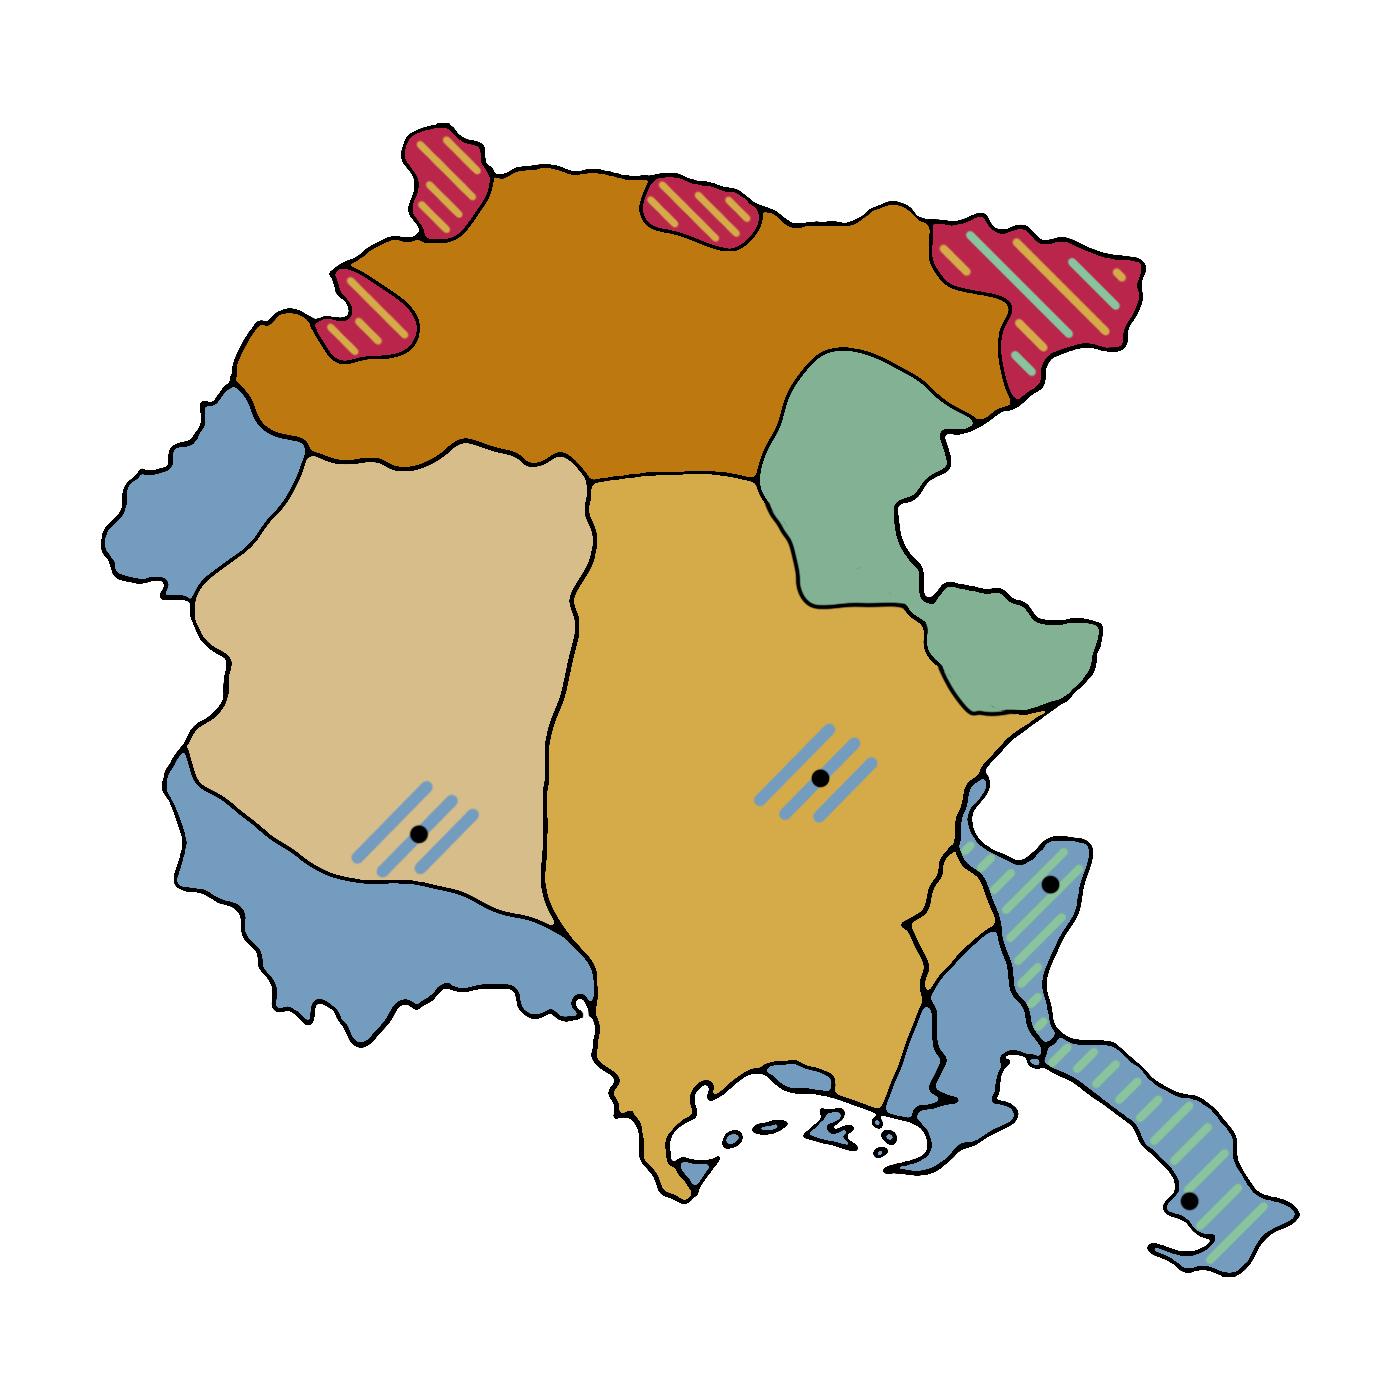 Mappa del plurilinguismo in Friuli Venezia Giulia